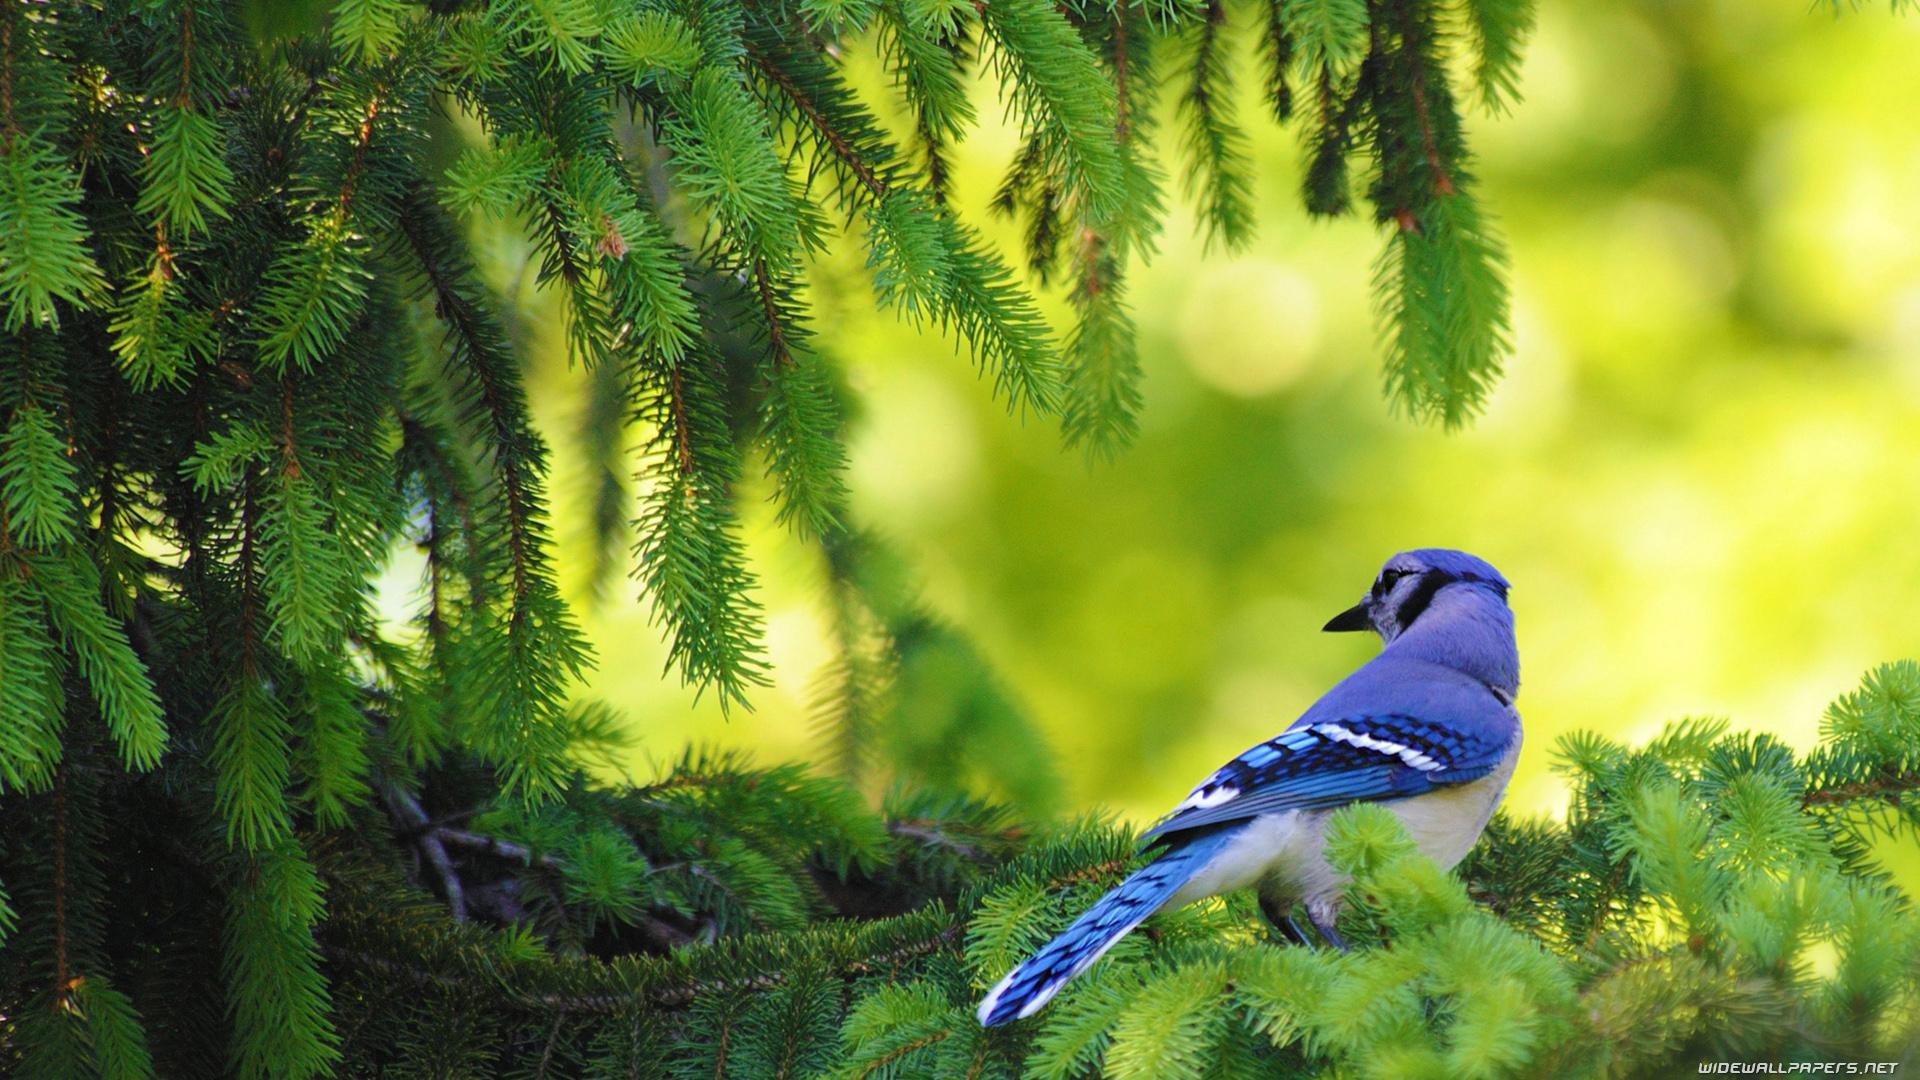 ¿Está aumentando la riqueza de especies?, un intenso debate ecológico